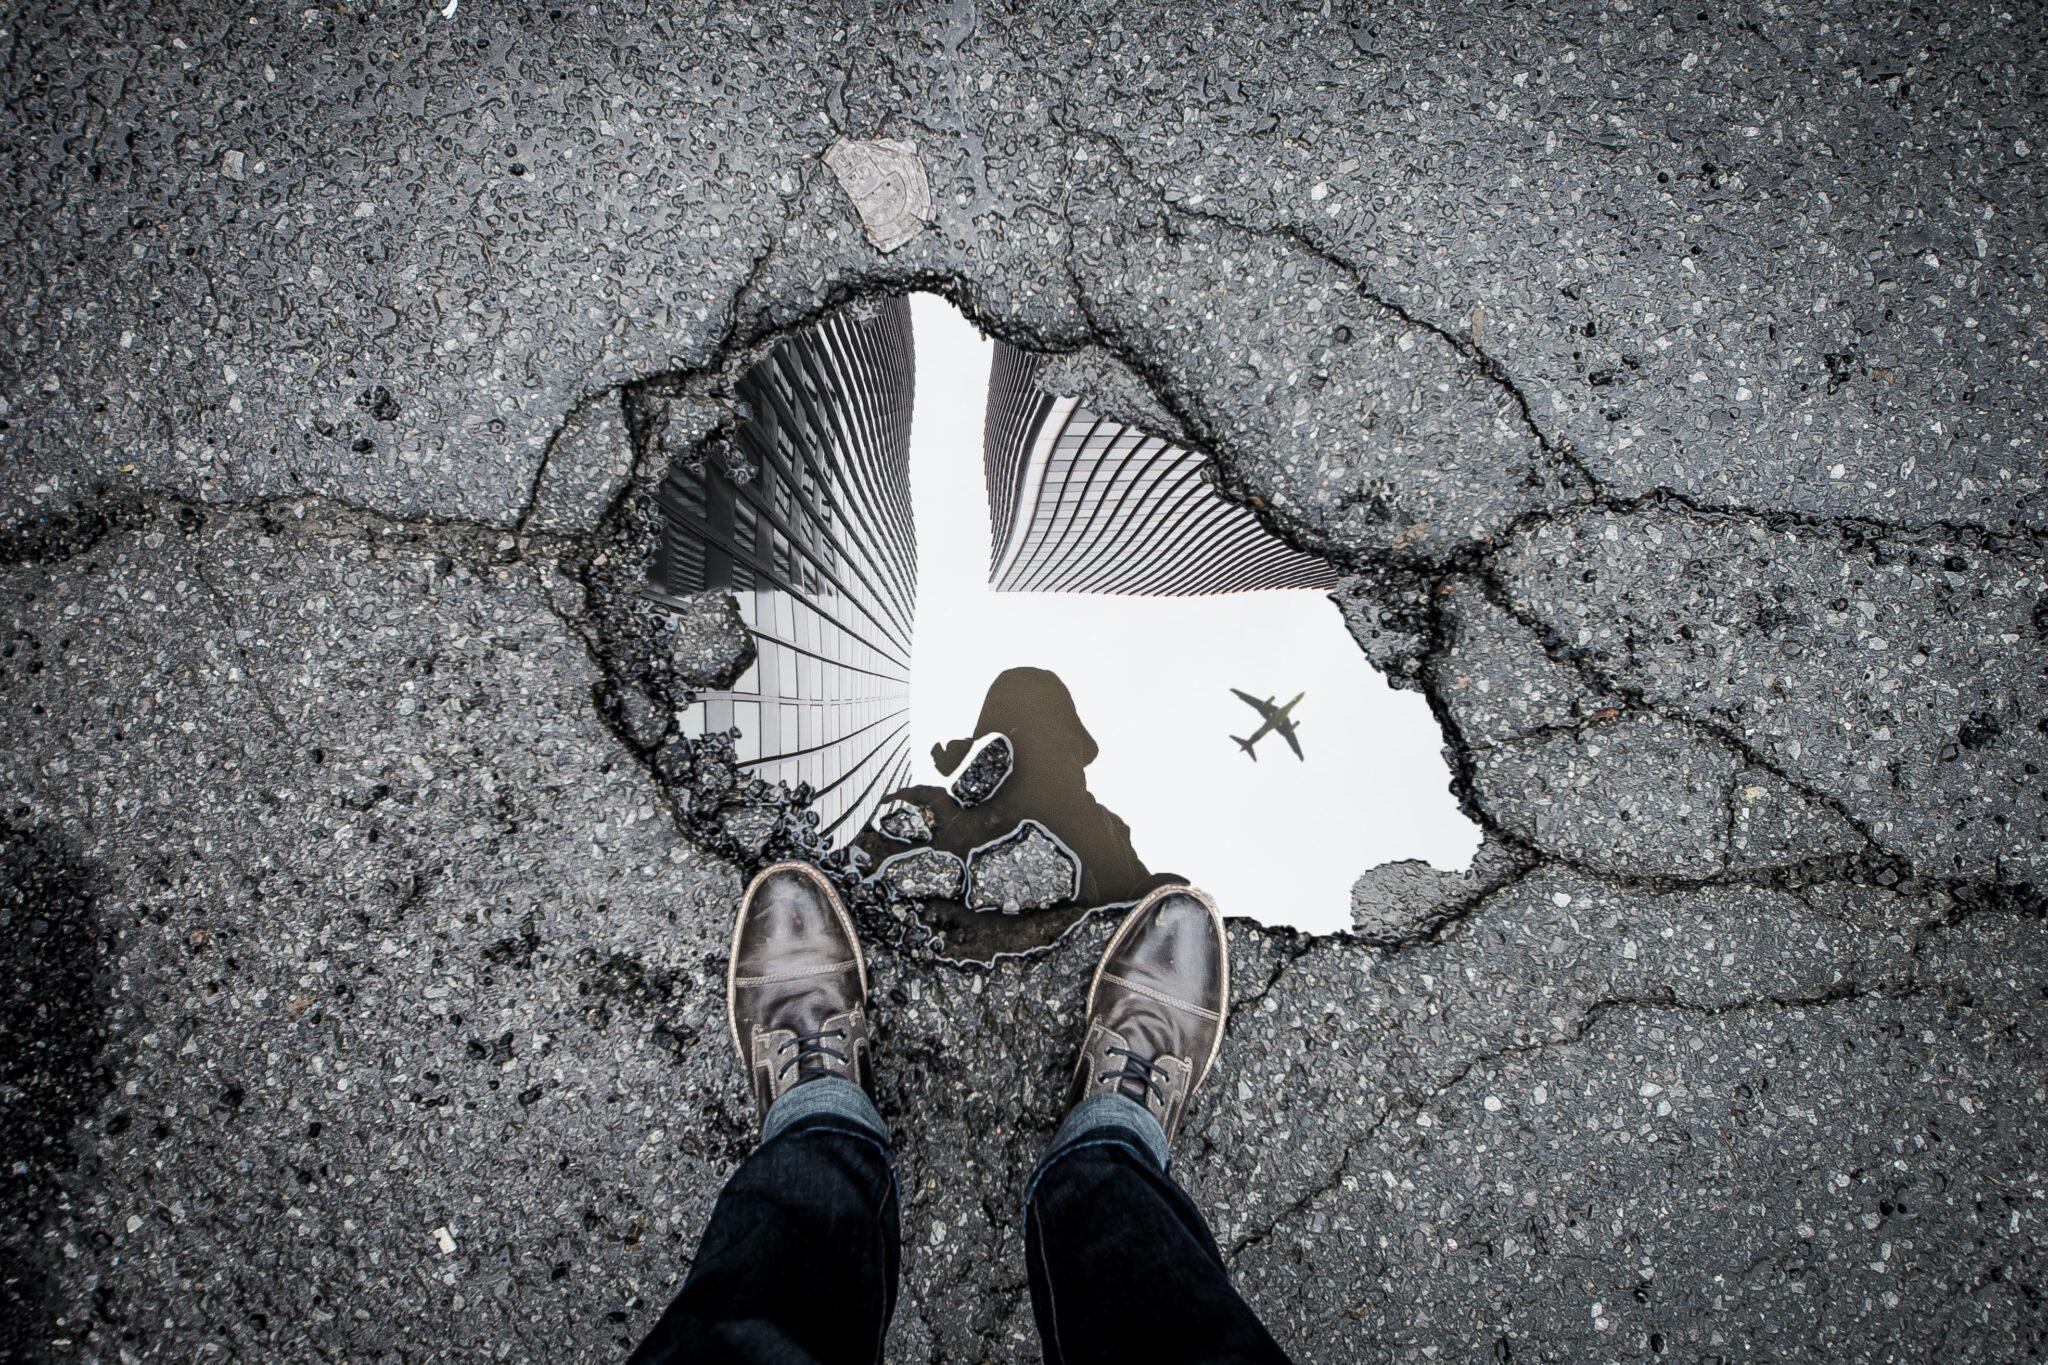 Spiegelung in einer Pfütze mit Flugzeug im Hintergrund